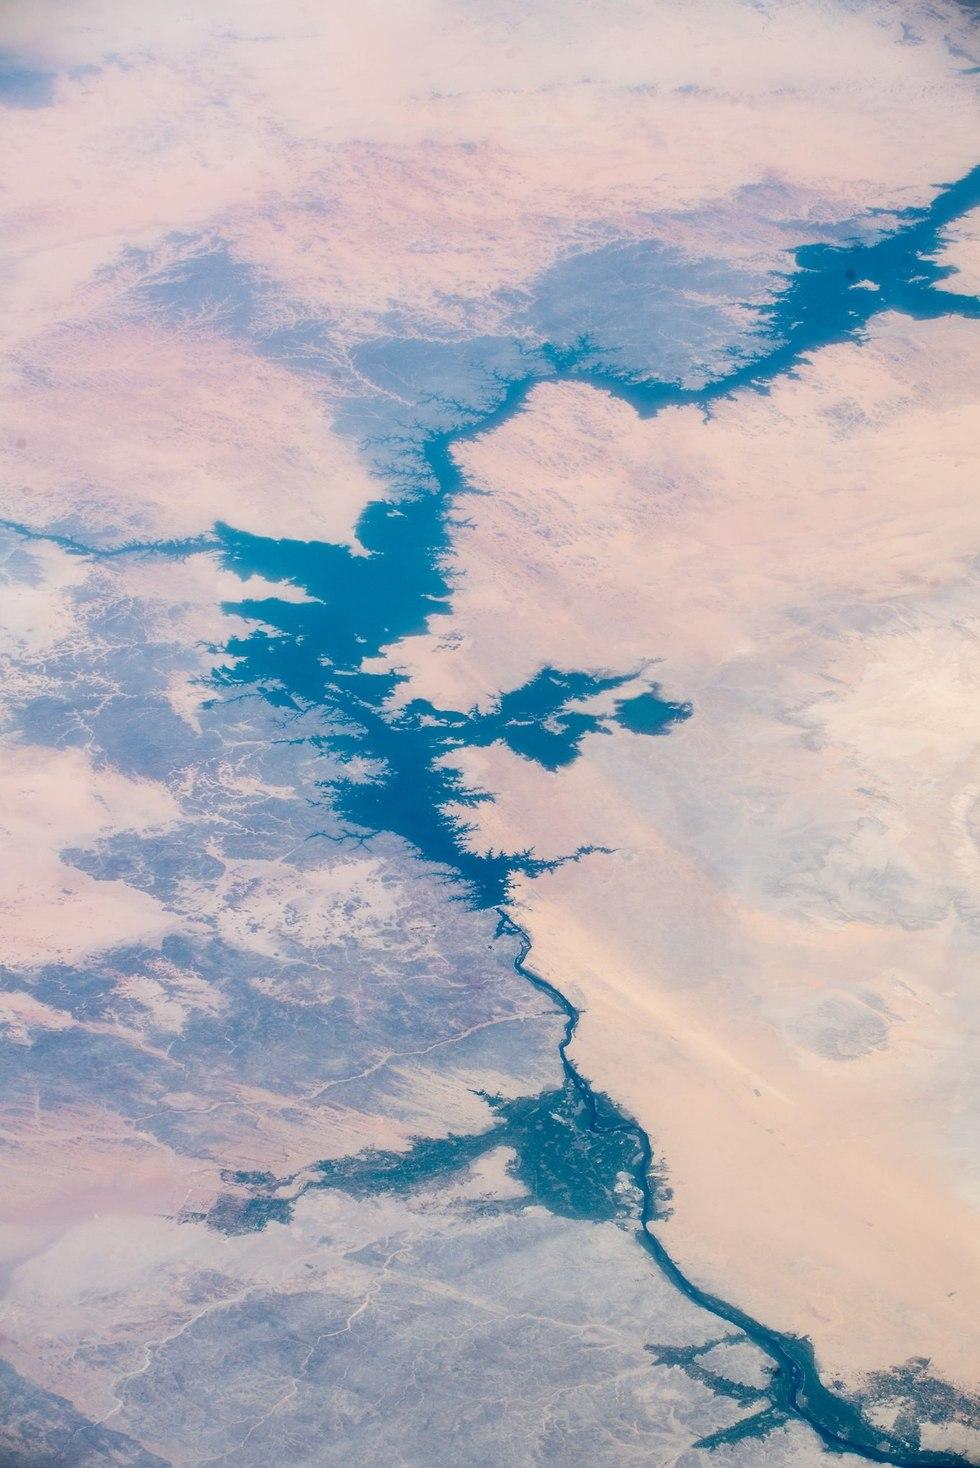 הנילוס במצרים  (צילום: אלכסנדר גרסט, סוכנות החלל האירופית)